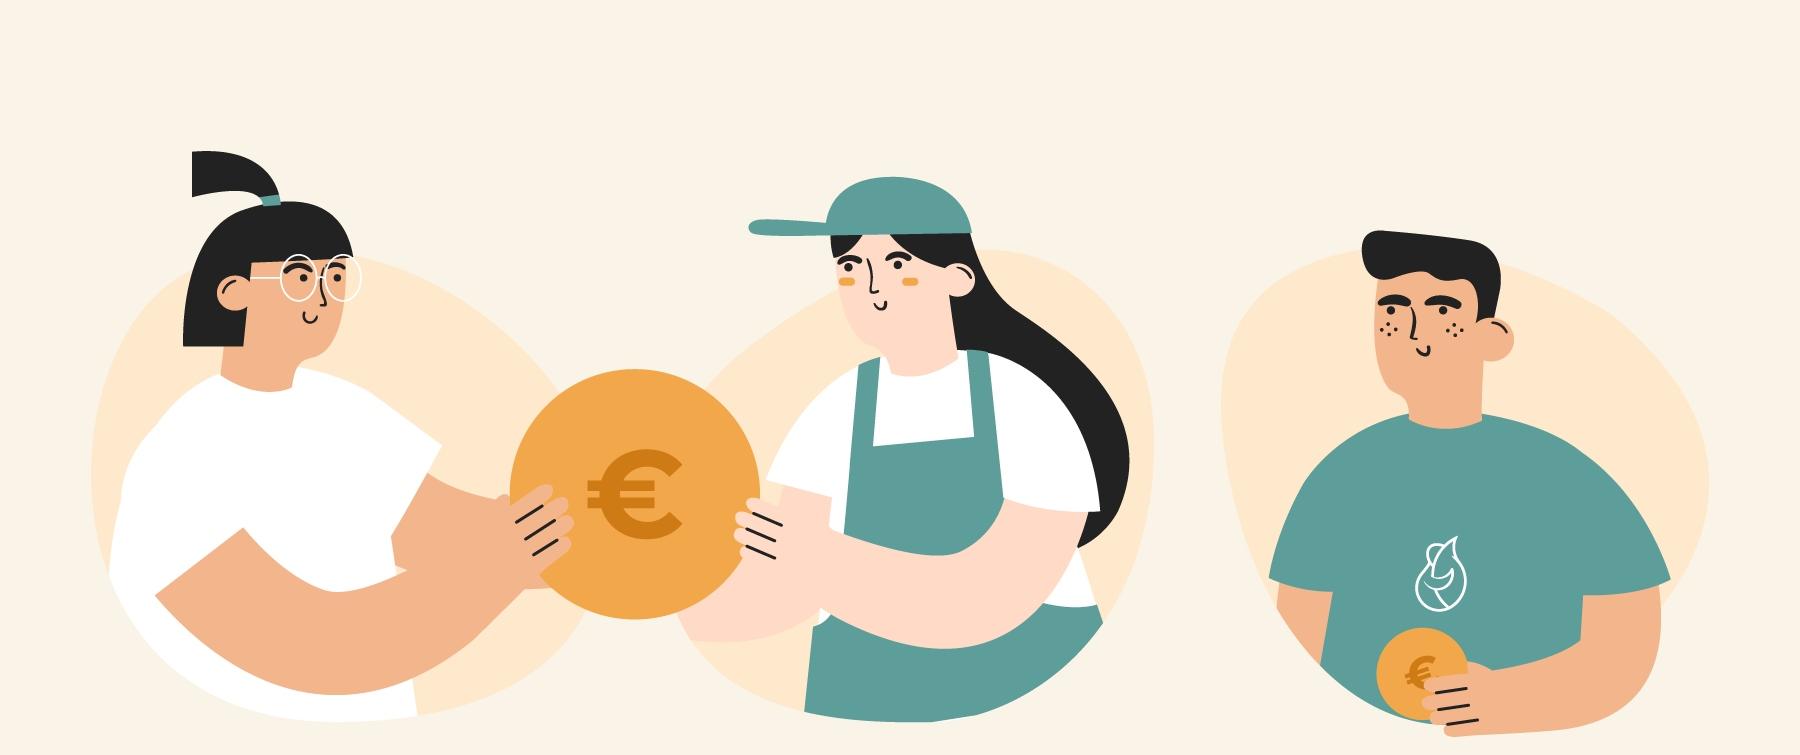 Illustration de trois personnes (consommateur et agriculteur) avec une pièce de monnaie dans la main